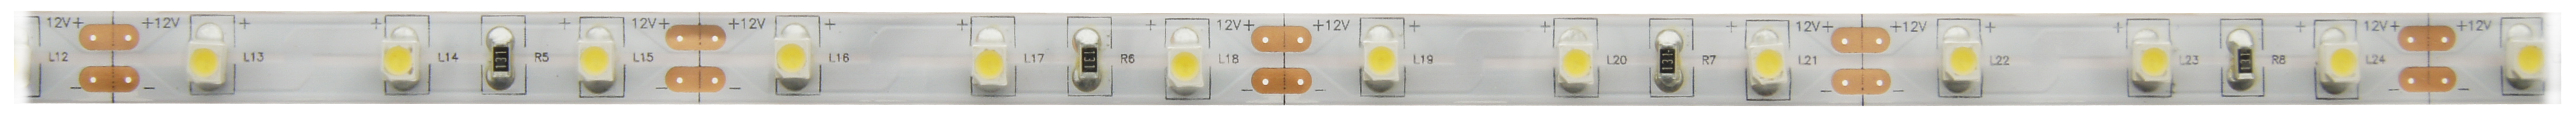 1 Stk Flexstrip 24 NW, Ra=90+, 6,4W/m, 544lm/m, 12VDC, IP44, l=5m LIFS001003